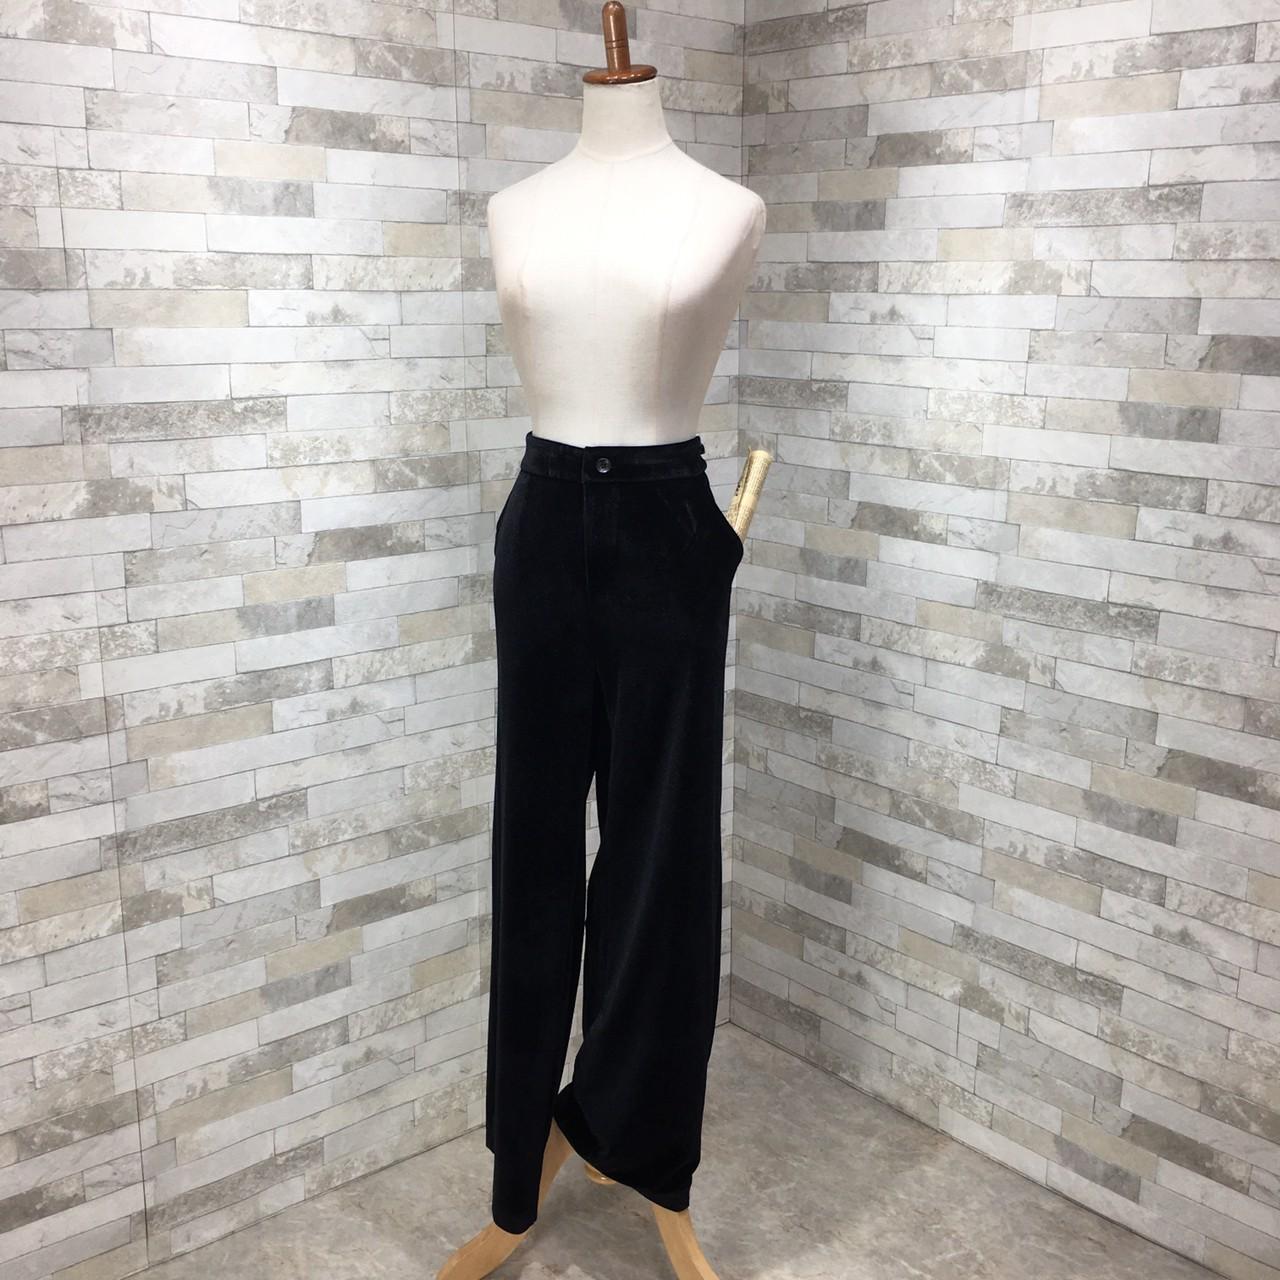 【即納】韓国 ファッション パンツ セットアップ パーティードレス 結婚式 お呼ばれドレス 秋 冬 パーティー ブライダル SPTXH554  起毛 ドレープ テーラードジャ 二次会 セレブ きれいめの写真15枚目